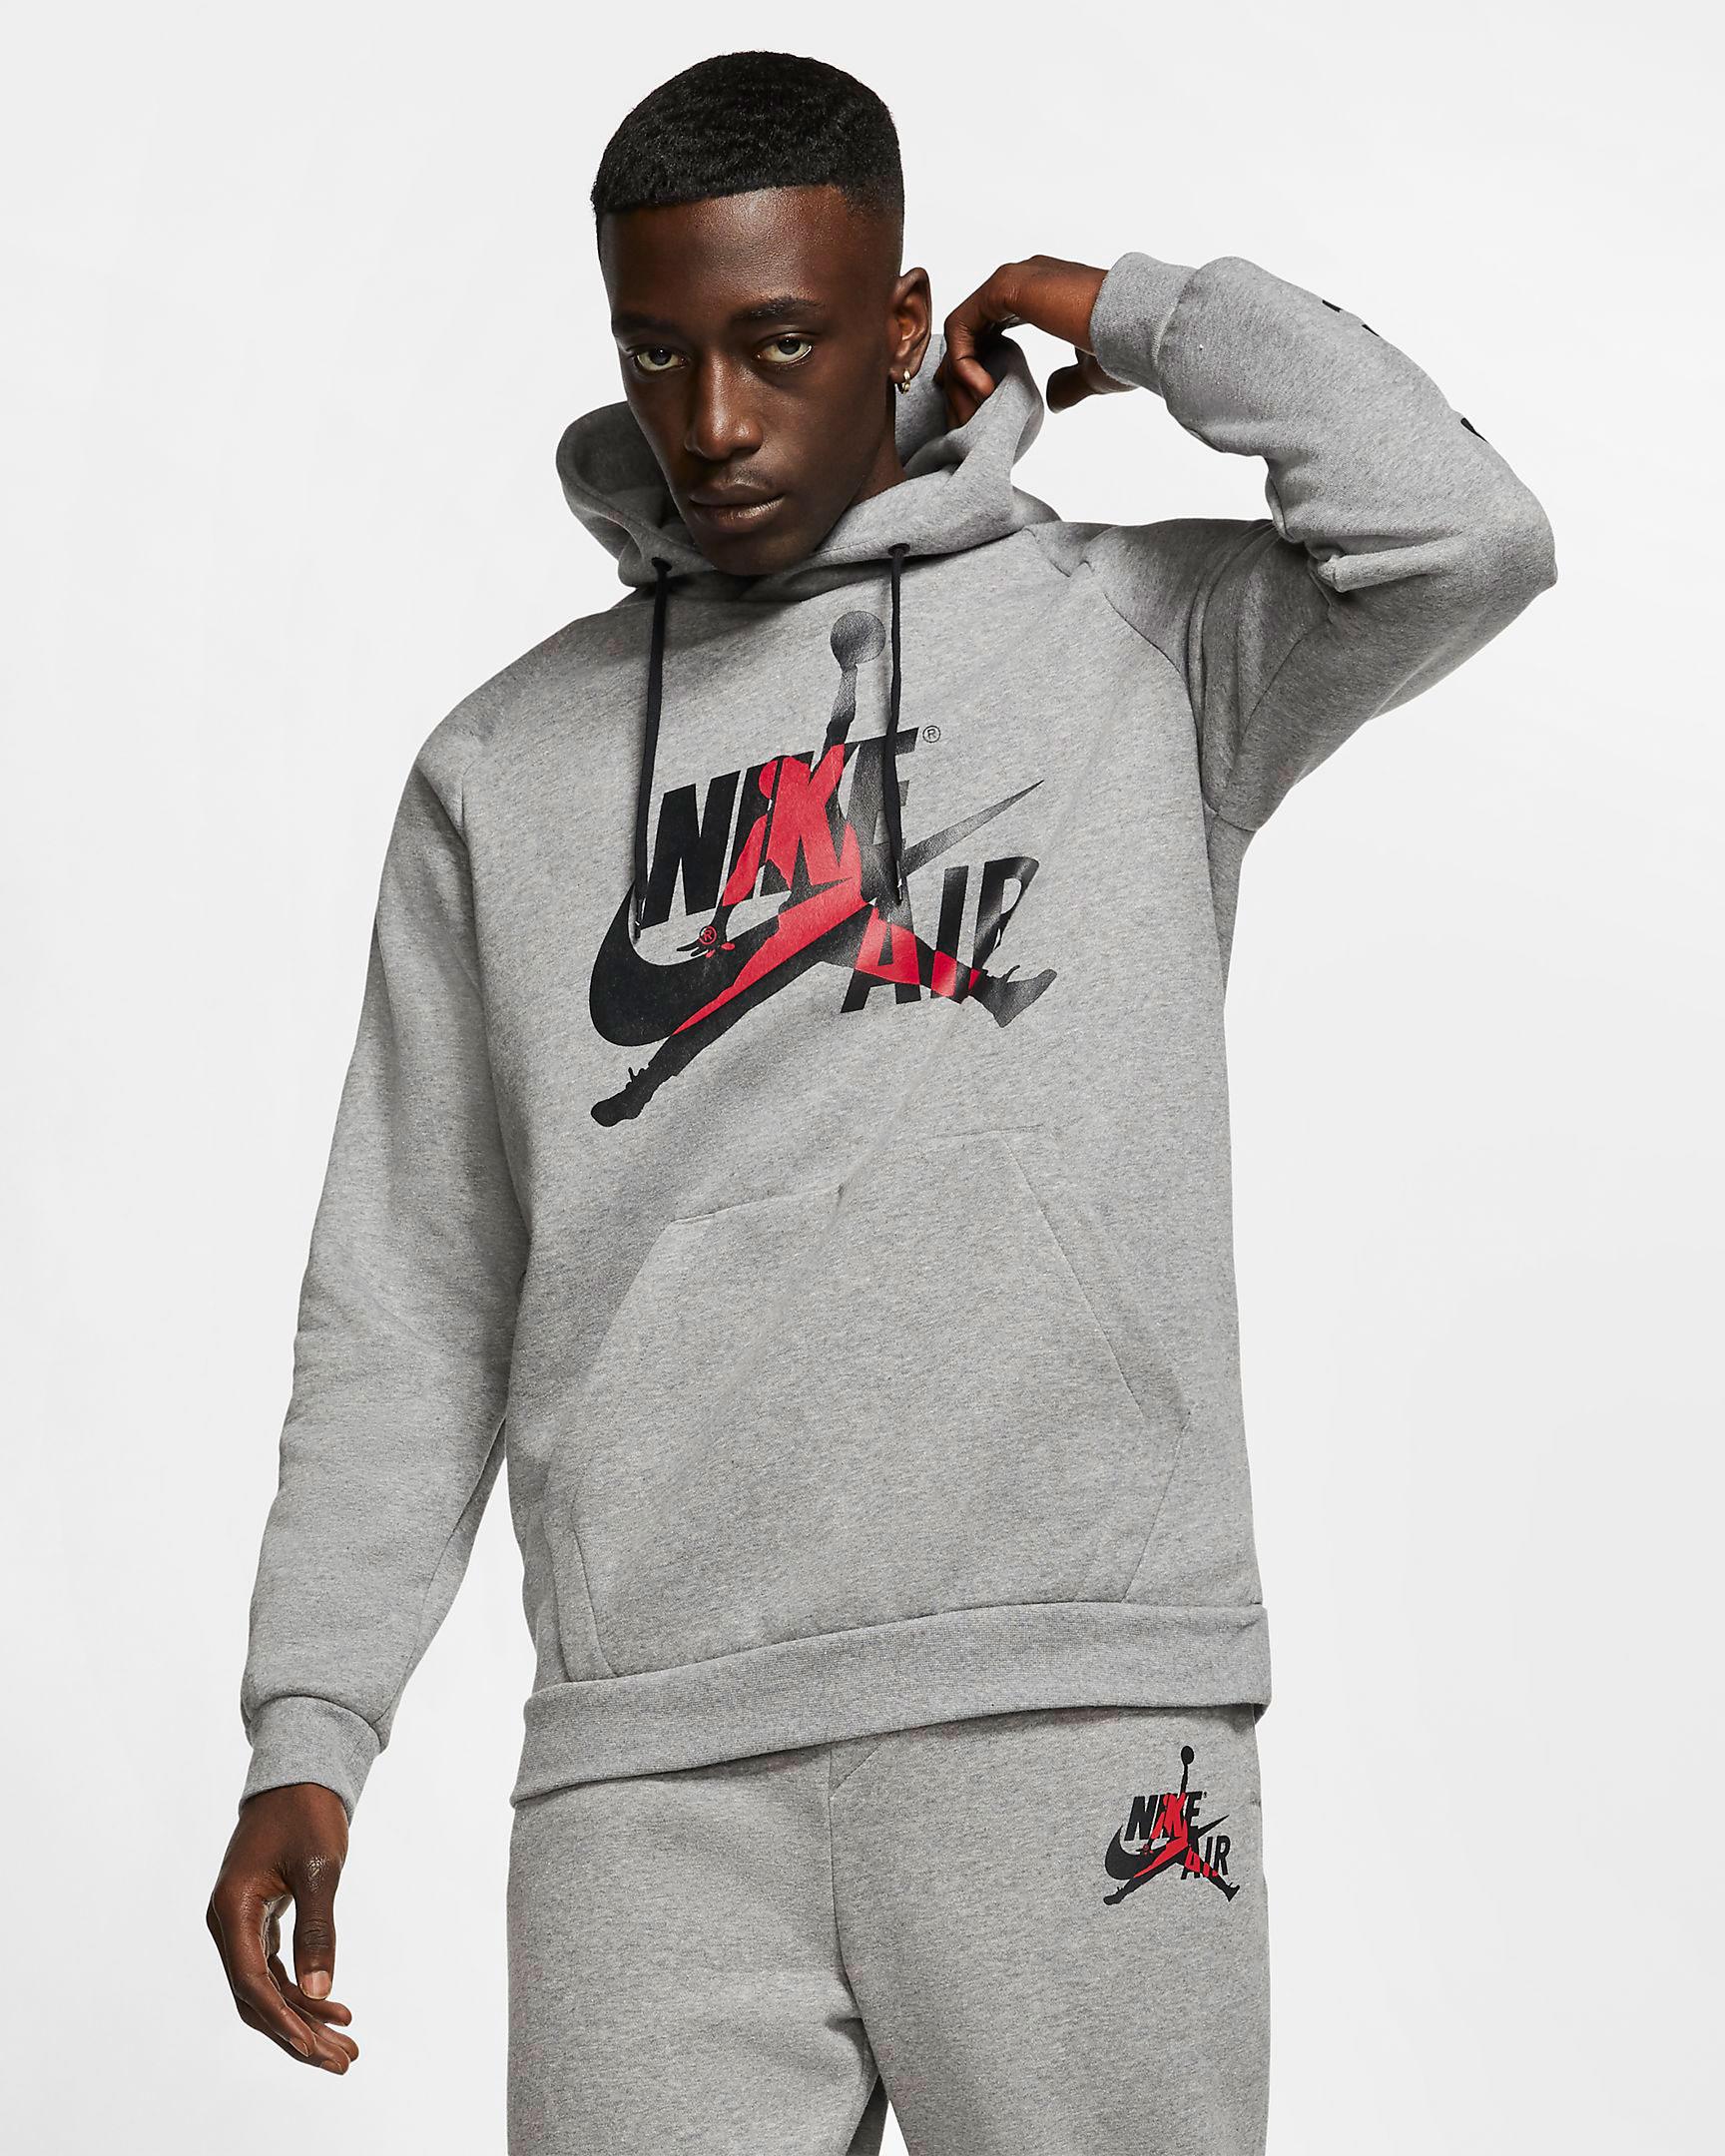 air-jordan-1-high-gym-red-hoodie-1